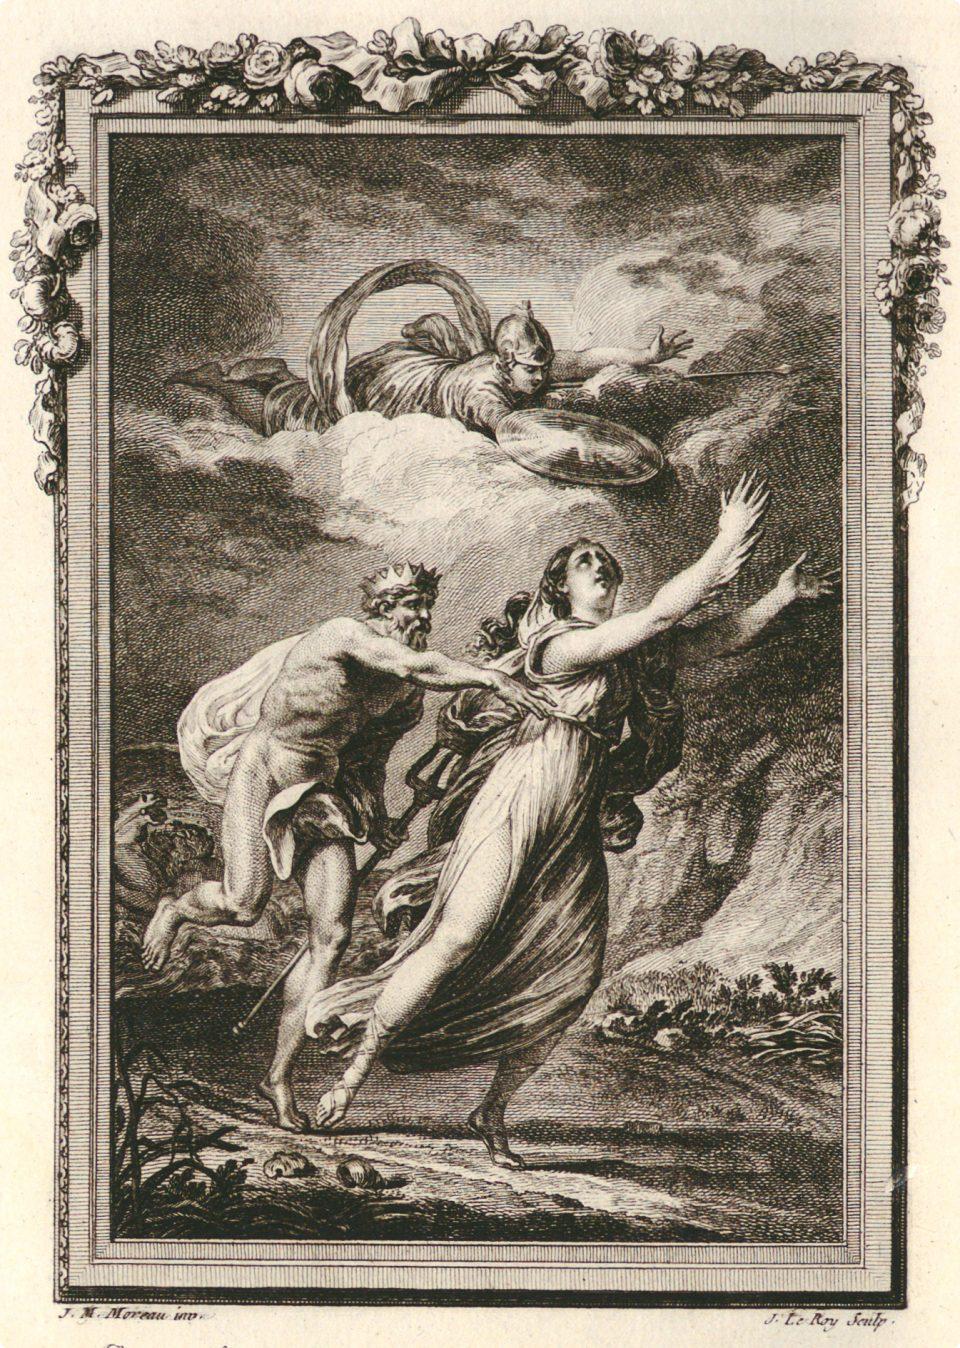 Coronide sta per essere trasformata in corvo da Atena